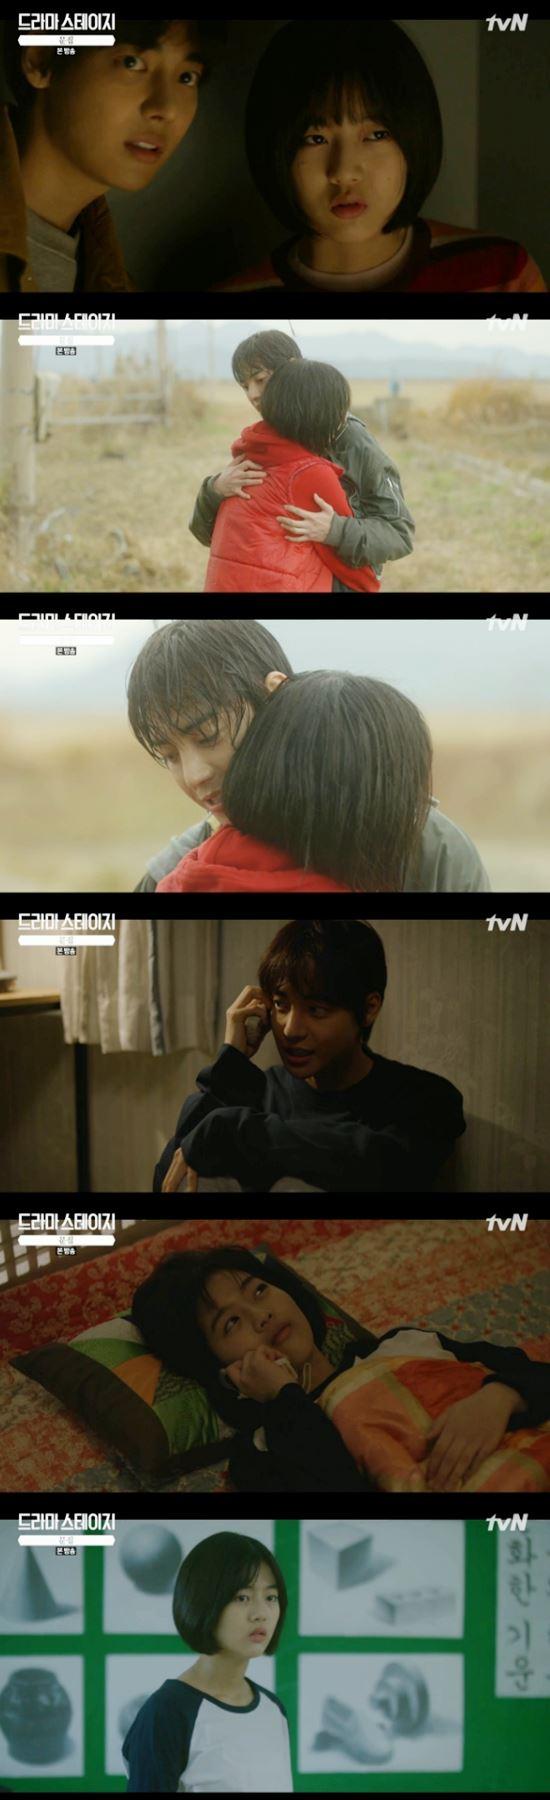 [종합] '문집' 신은수·정제원의 아프고 풋풋한 첫사랑, 열일곱